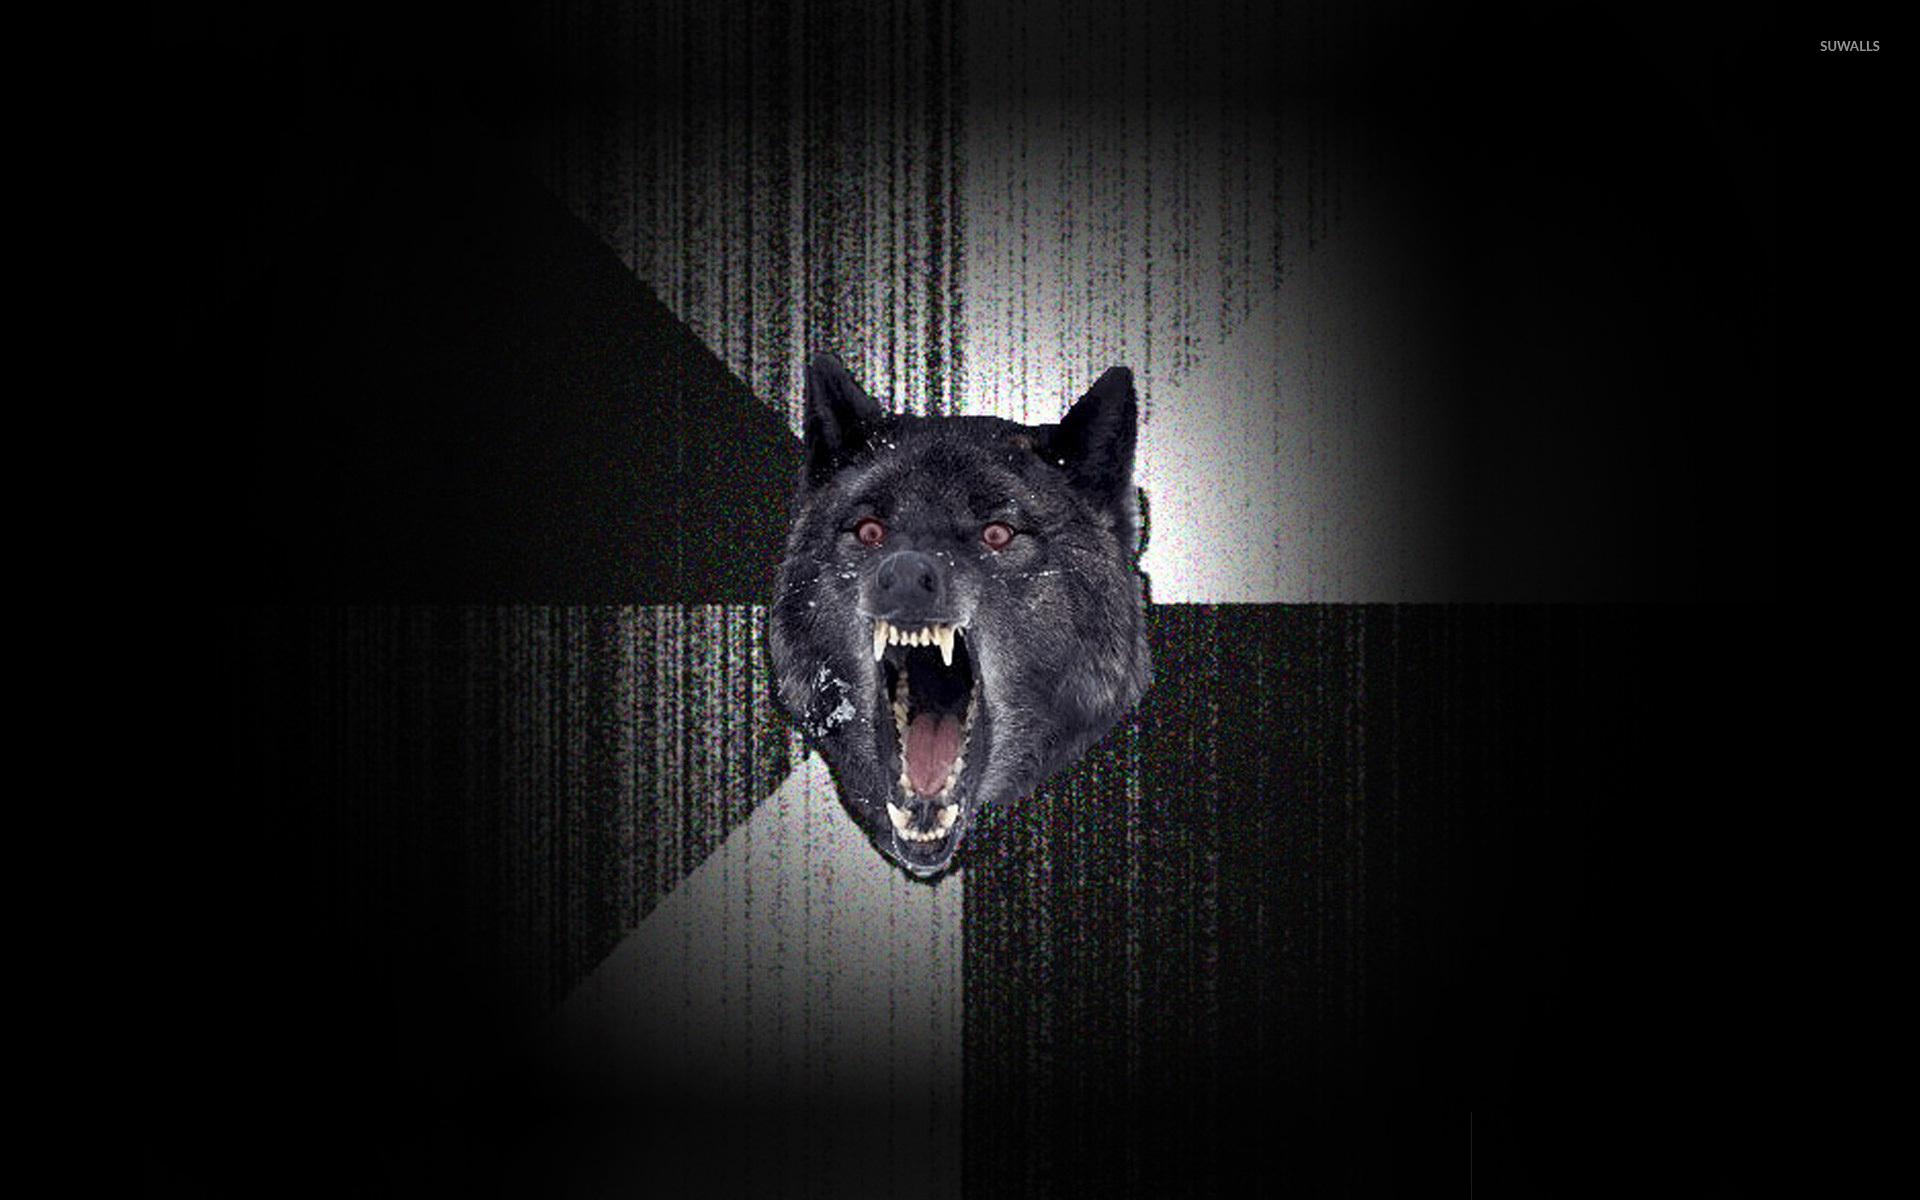 wolf gordon wallpaper pricing wallpapersafari